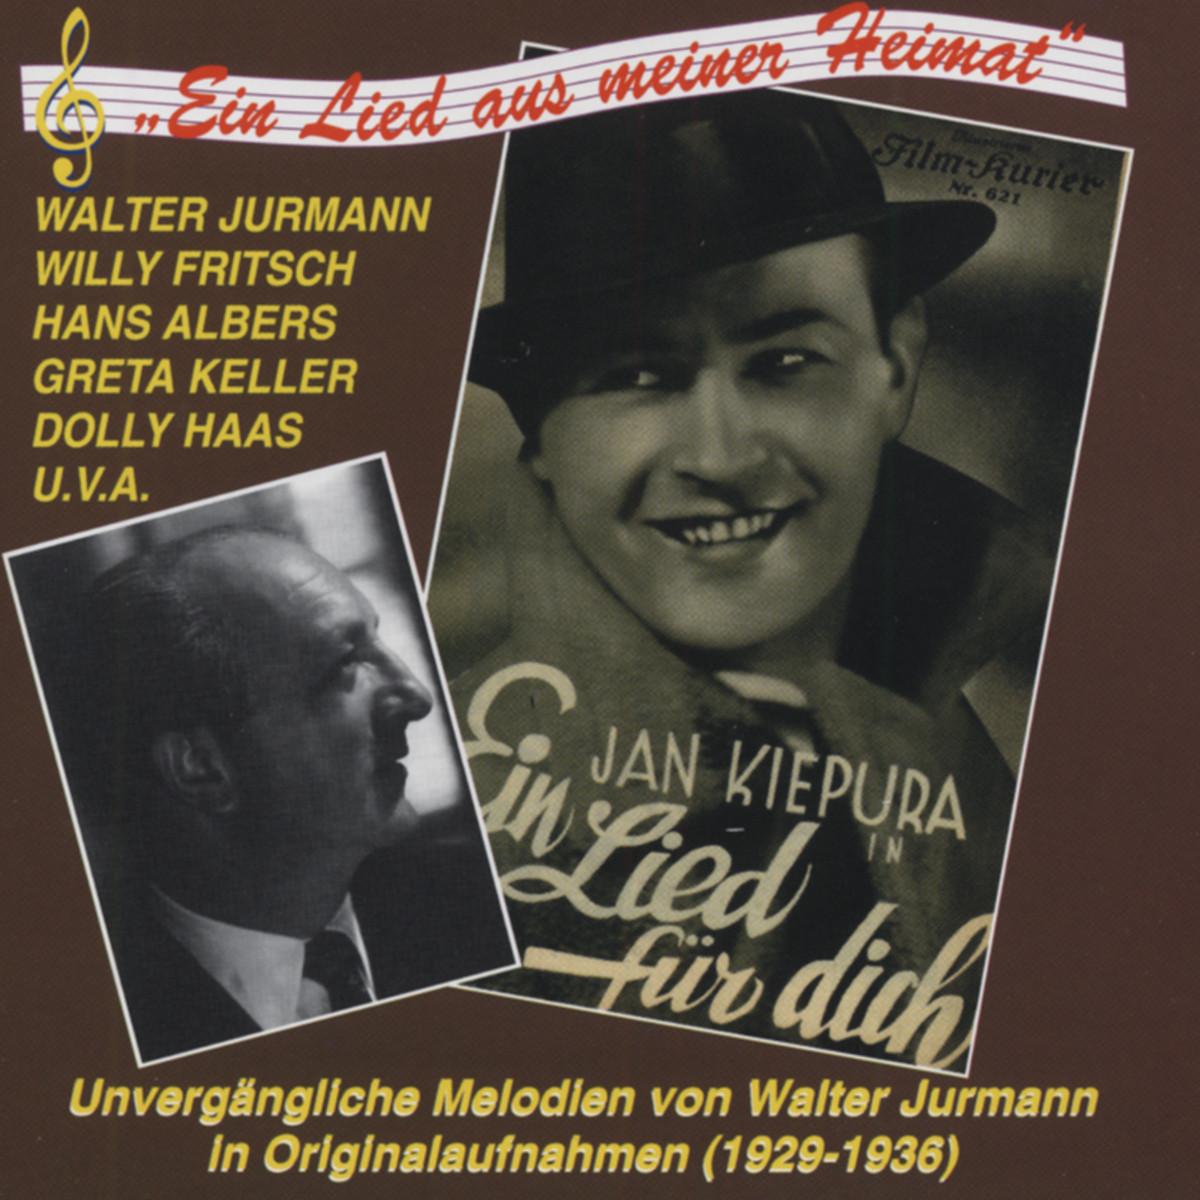 Walter Jurmann - Ein Lied aus meiner Heimat (CD)